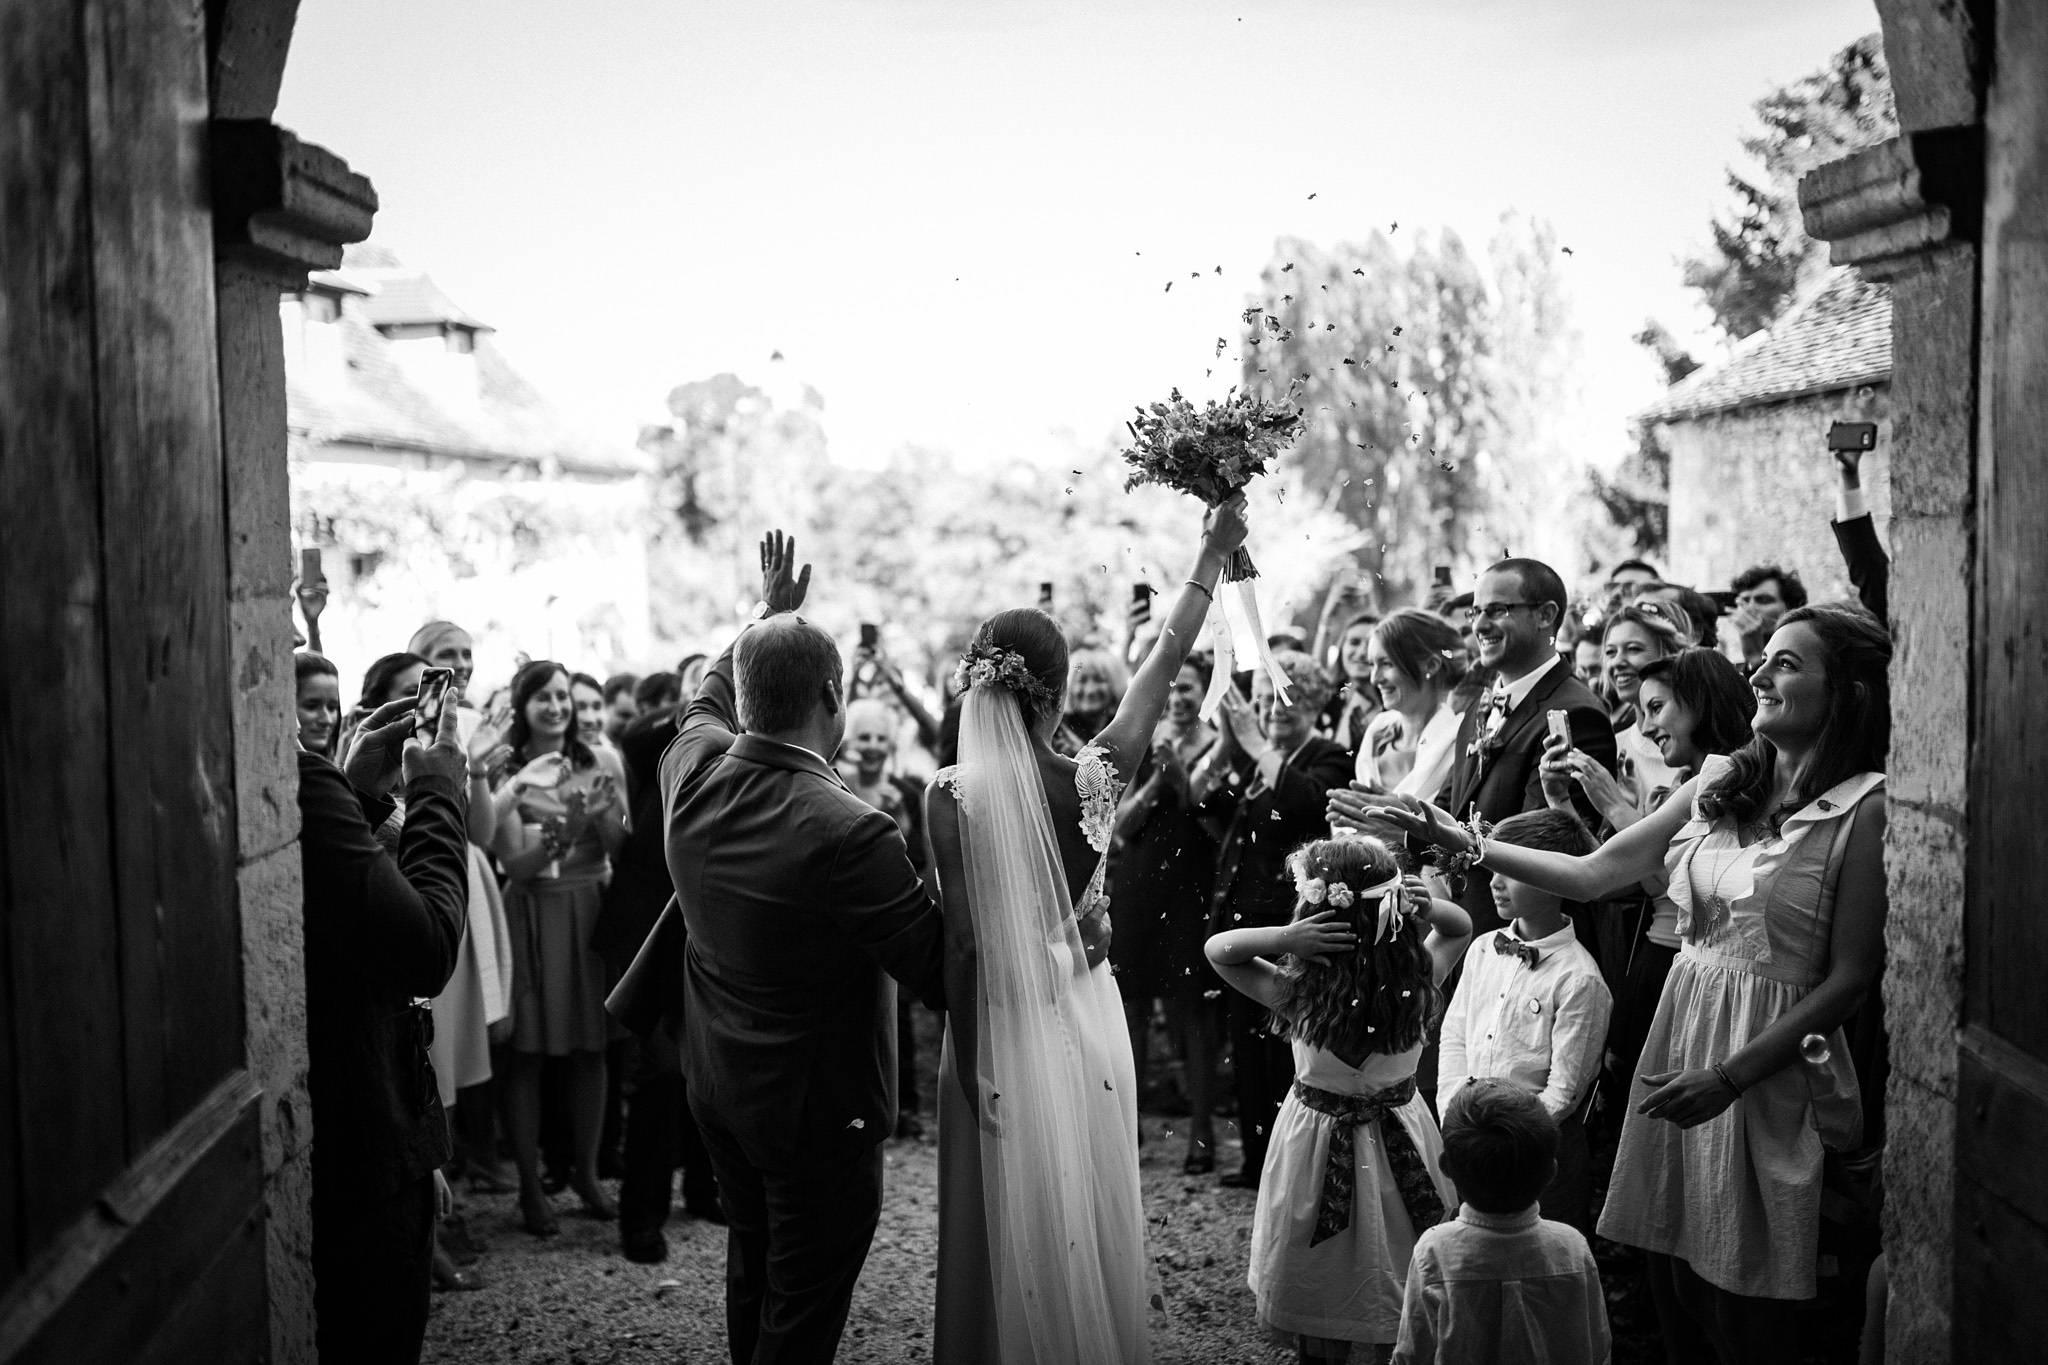 Les photos du mariage religieux d'Alice et François-Maxime au Domaine de La Fauconnie en Dordogne. Un mariage classe, DIY dans un lieu magique.